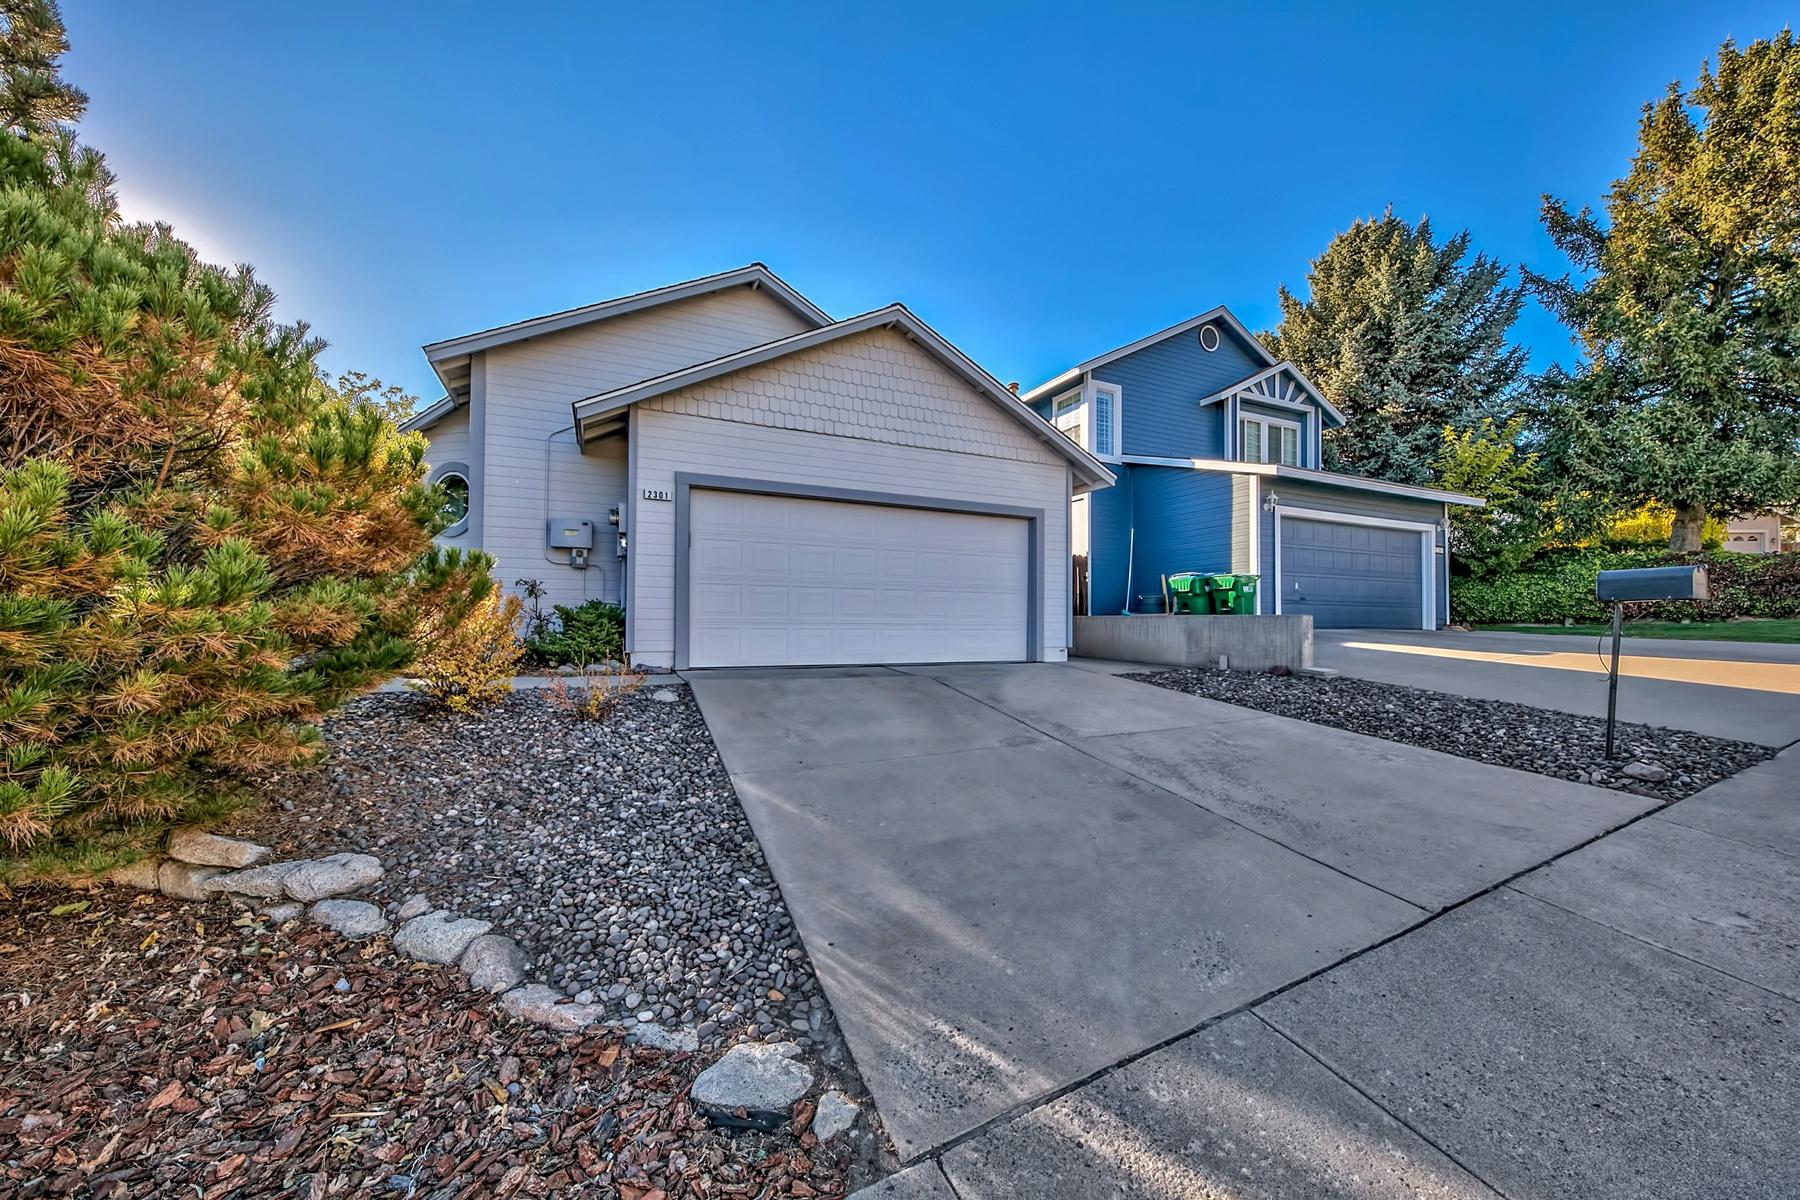 Single Family Home for Active at 2301 Cordilla Ct., Reno, NV 2301 Cordilla Ct. Reno, Nevada 89523 United States